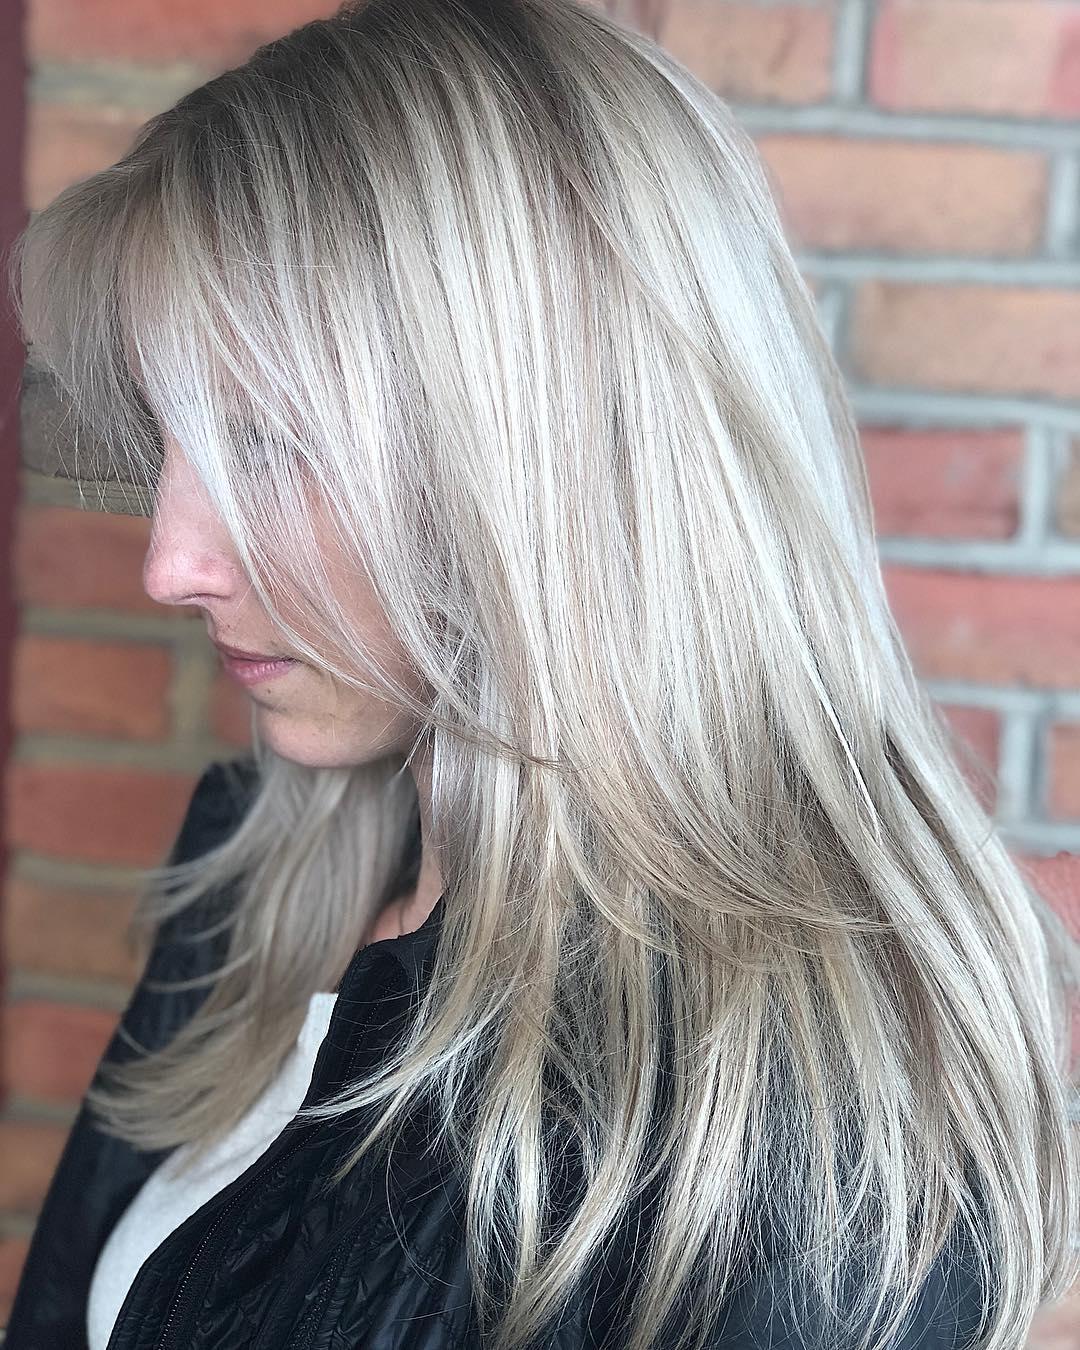 Cool Blonde Balayage Hair with Bangs